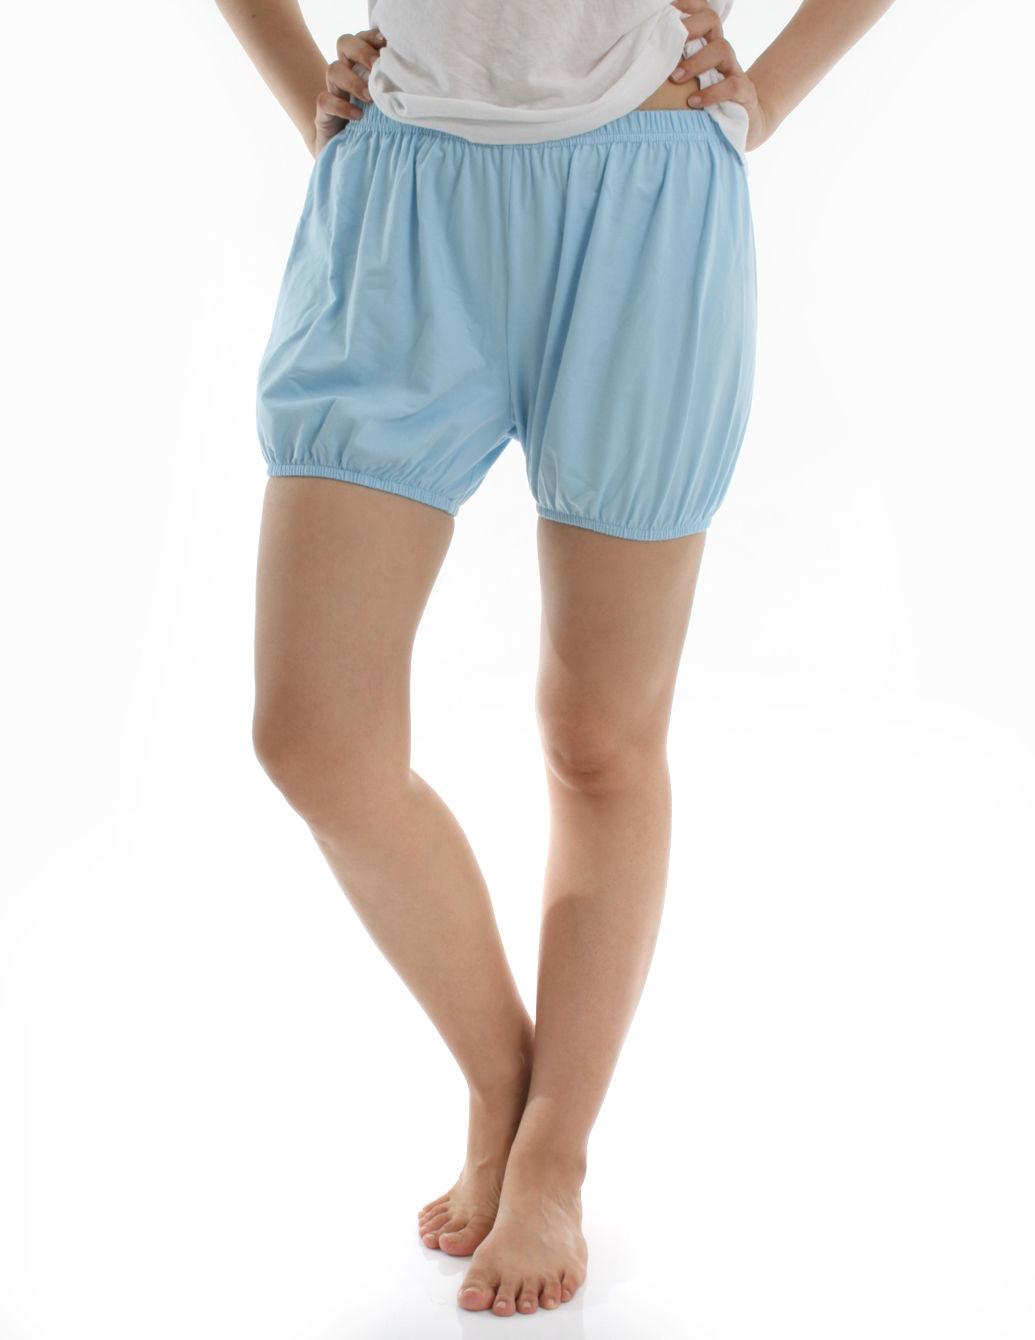 360度全方位防走光! RTBU瑜珈褲~燈籠褲造型。天空藍